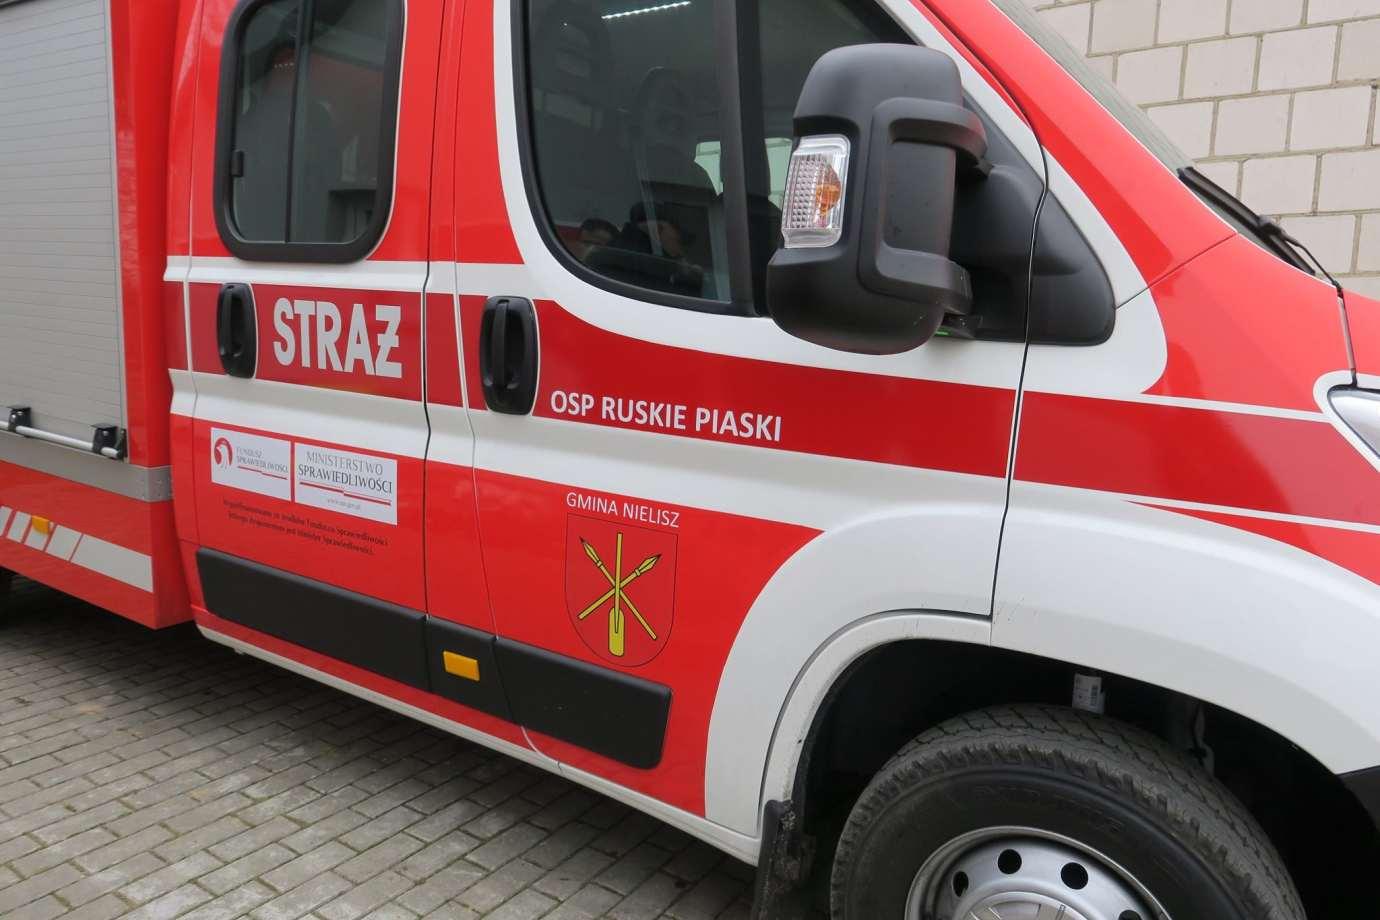 83181098 1470830646418139 3777499628904120320 o Nowy sprzęt dla strażaków z Gminy Nielisz